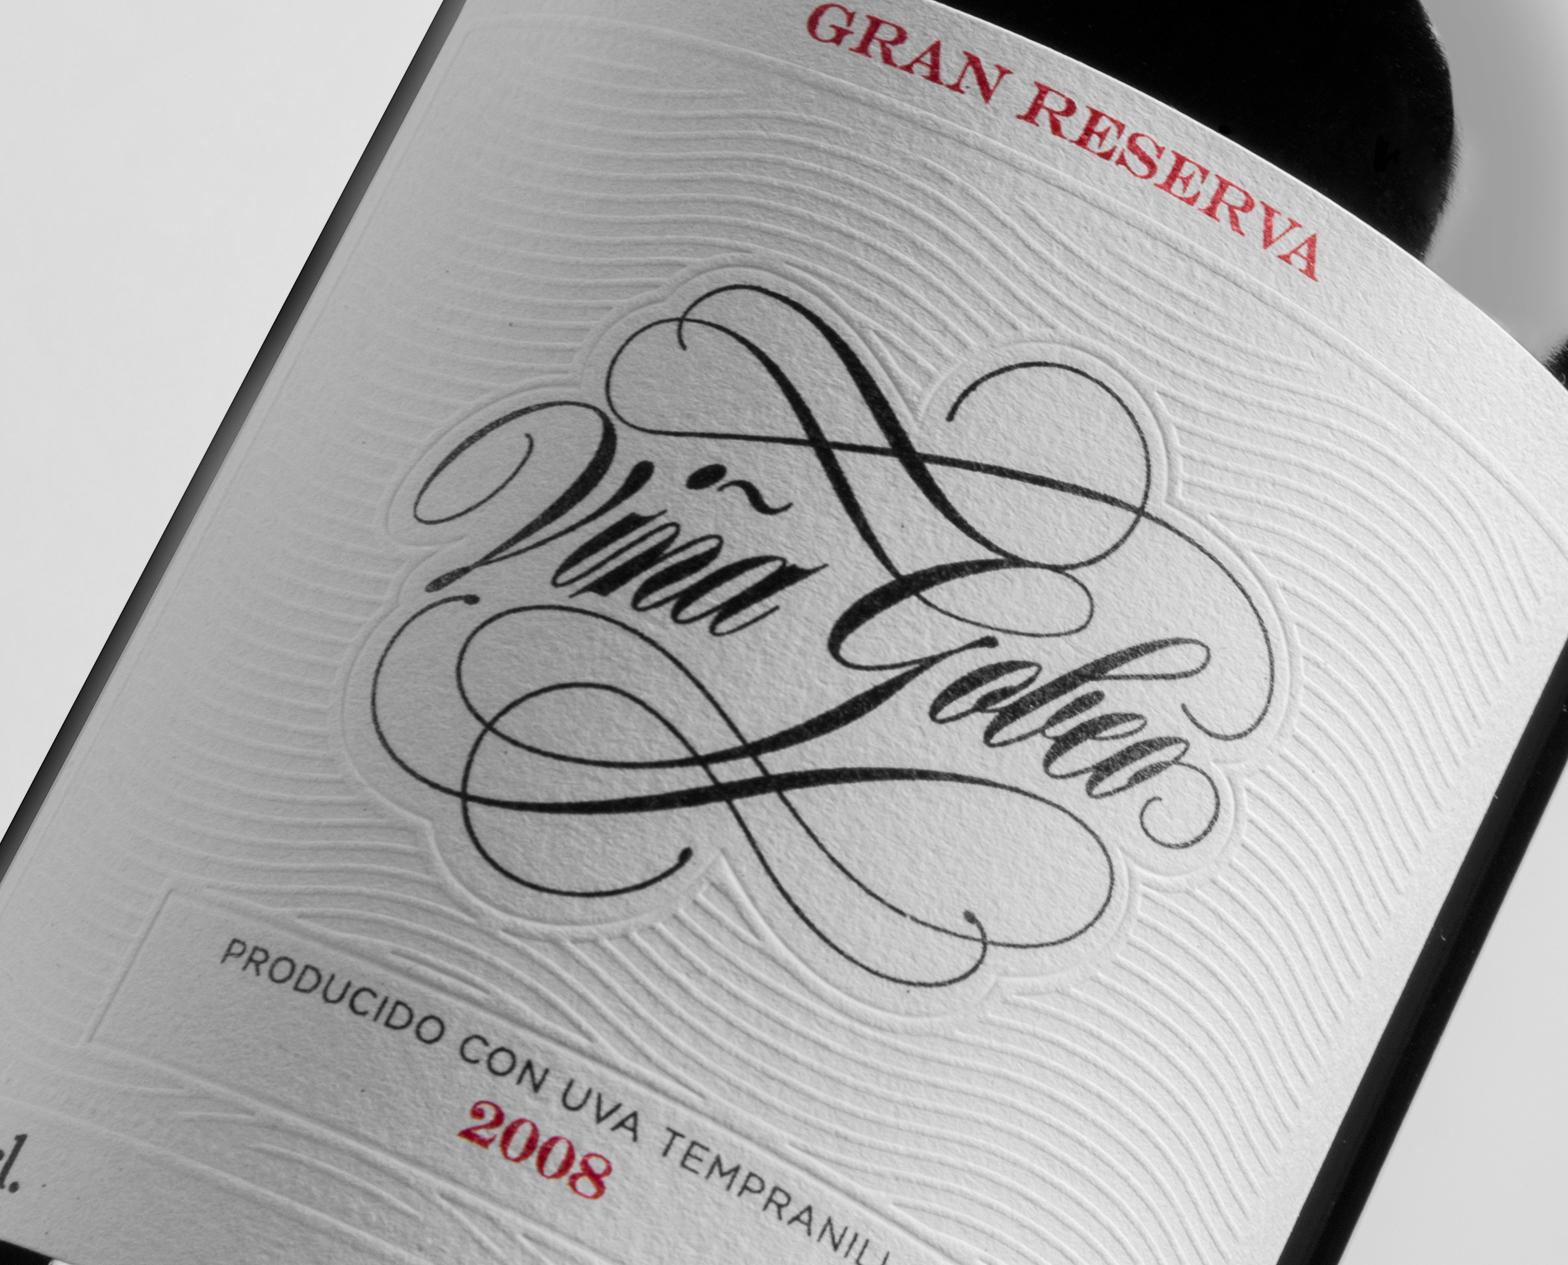 Diseño de etiqueta de vino y fotografía del Vino Gran Reserva Viña Gobeo